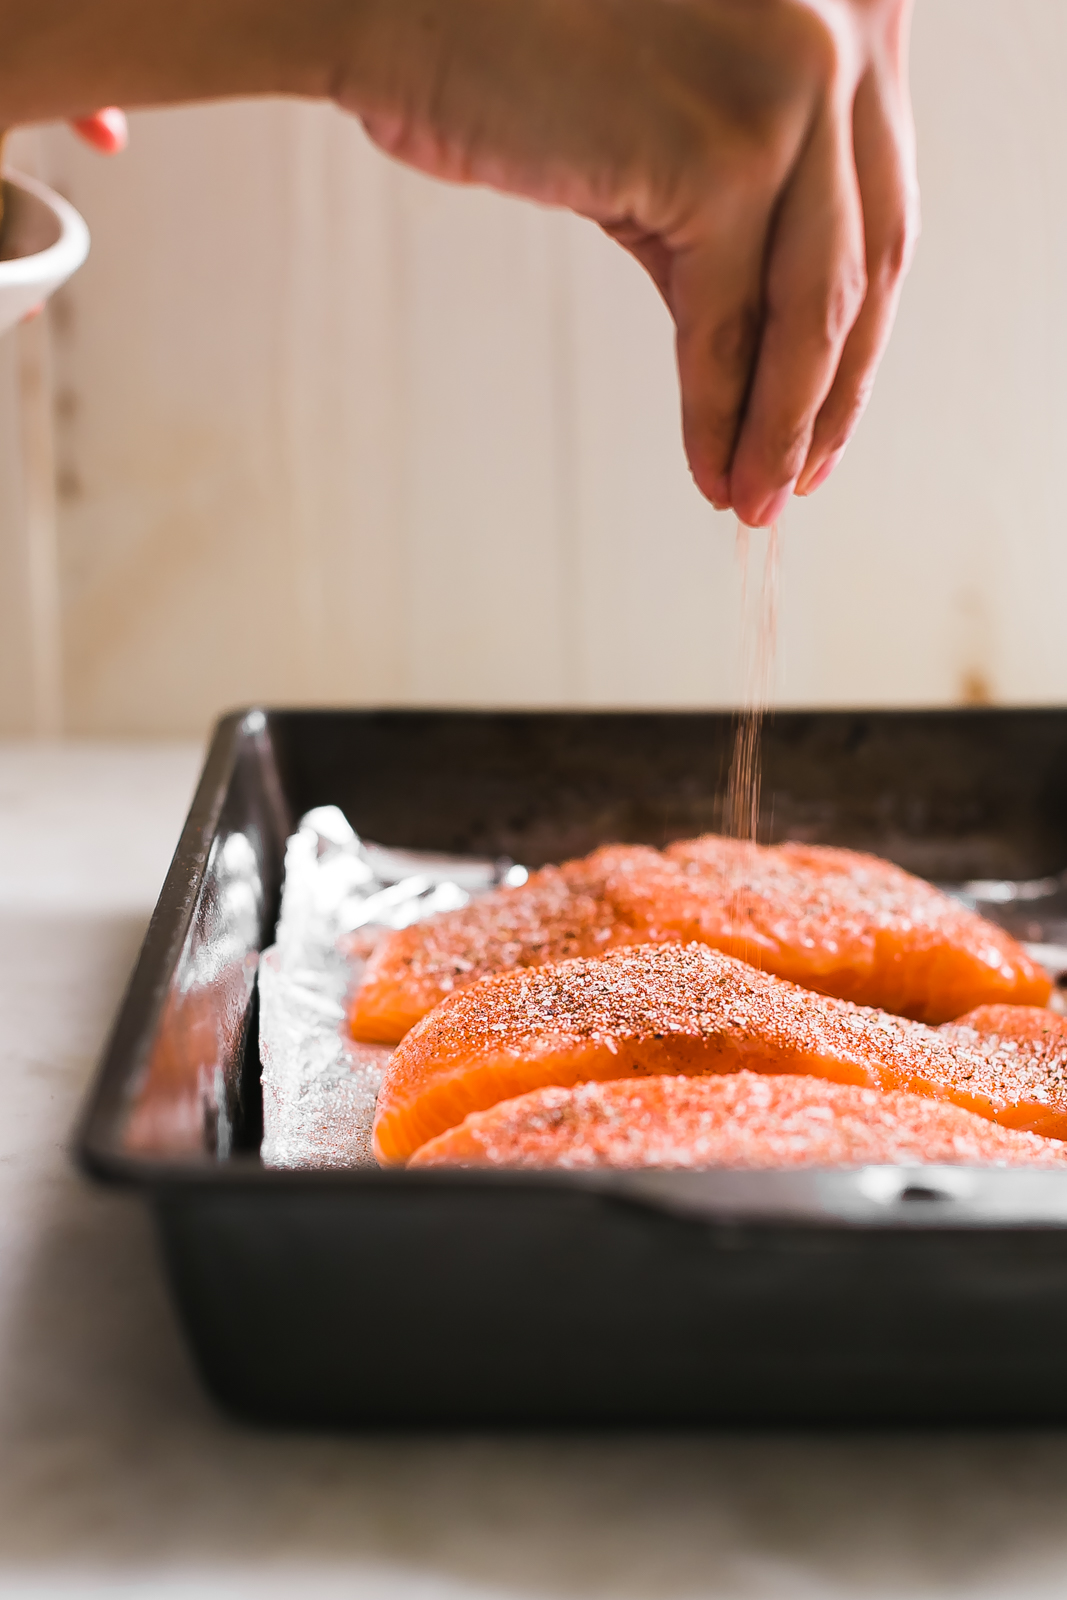 sprinkling seasoning on raw salmon filets plated in metal baking dish